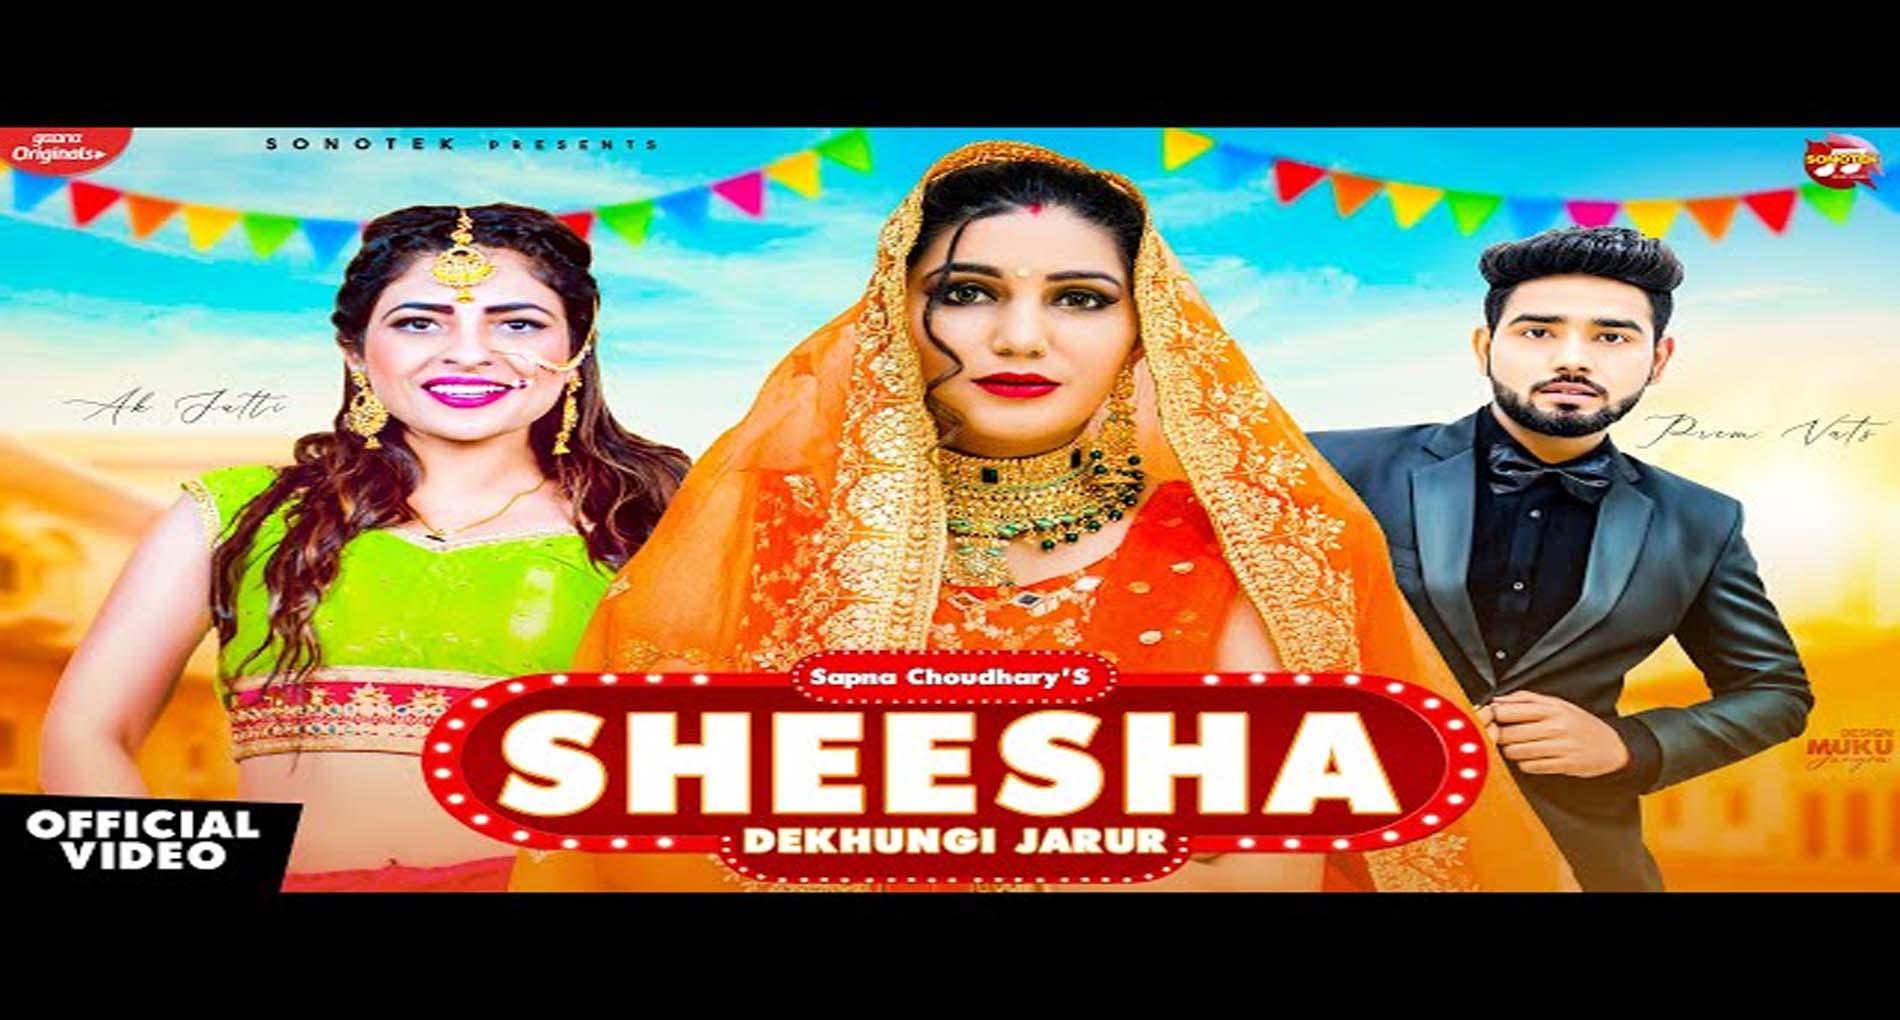 Sapna Choudhary Hit Song: सपना चौधरी का गाना 'शीशा देखूंगी जरुरी' हुआ वायरल! देखें वीडियो